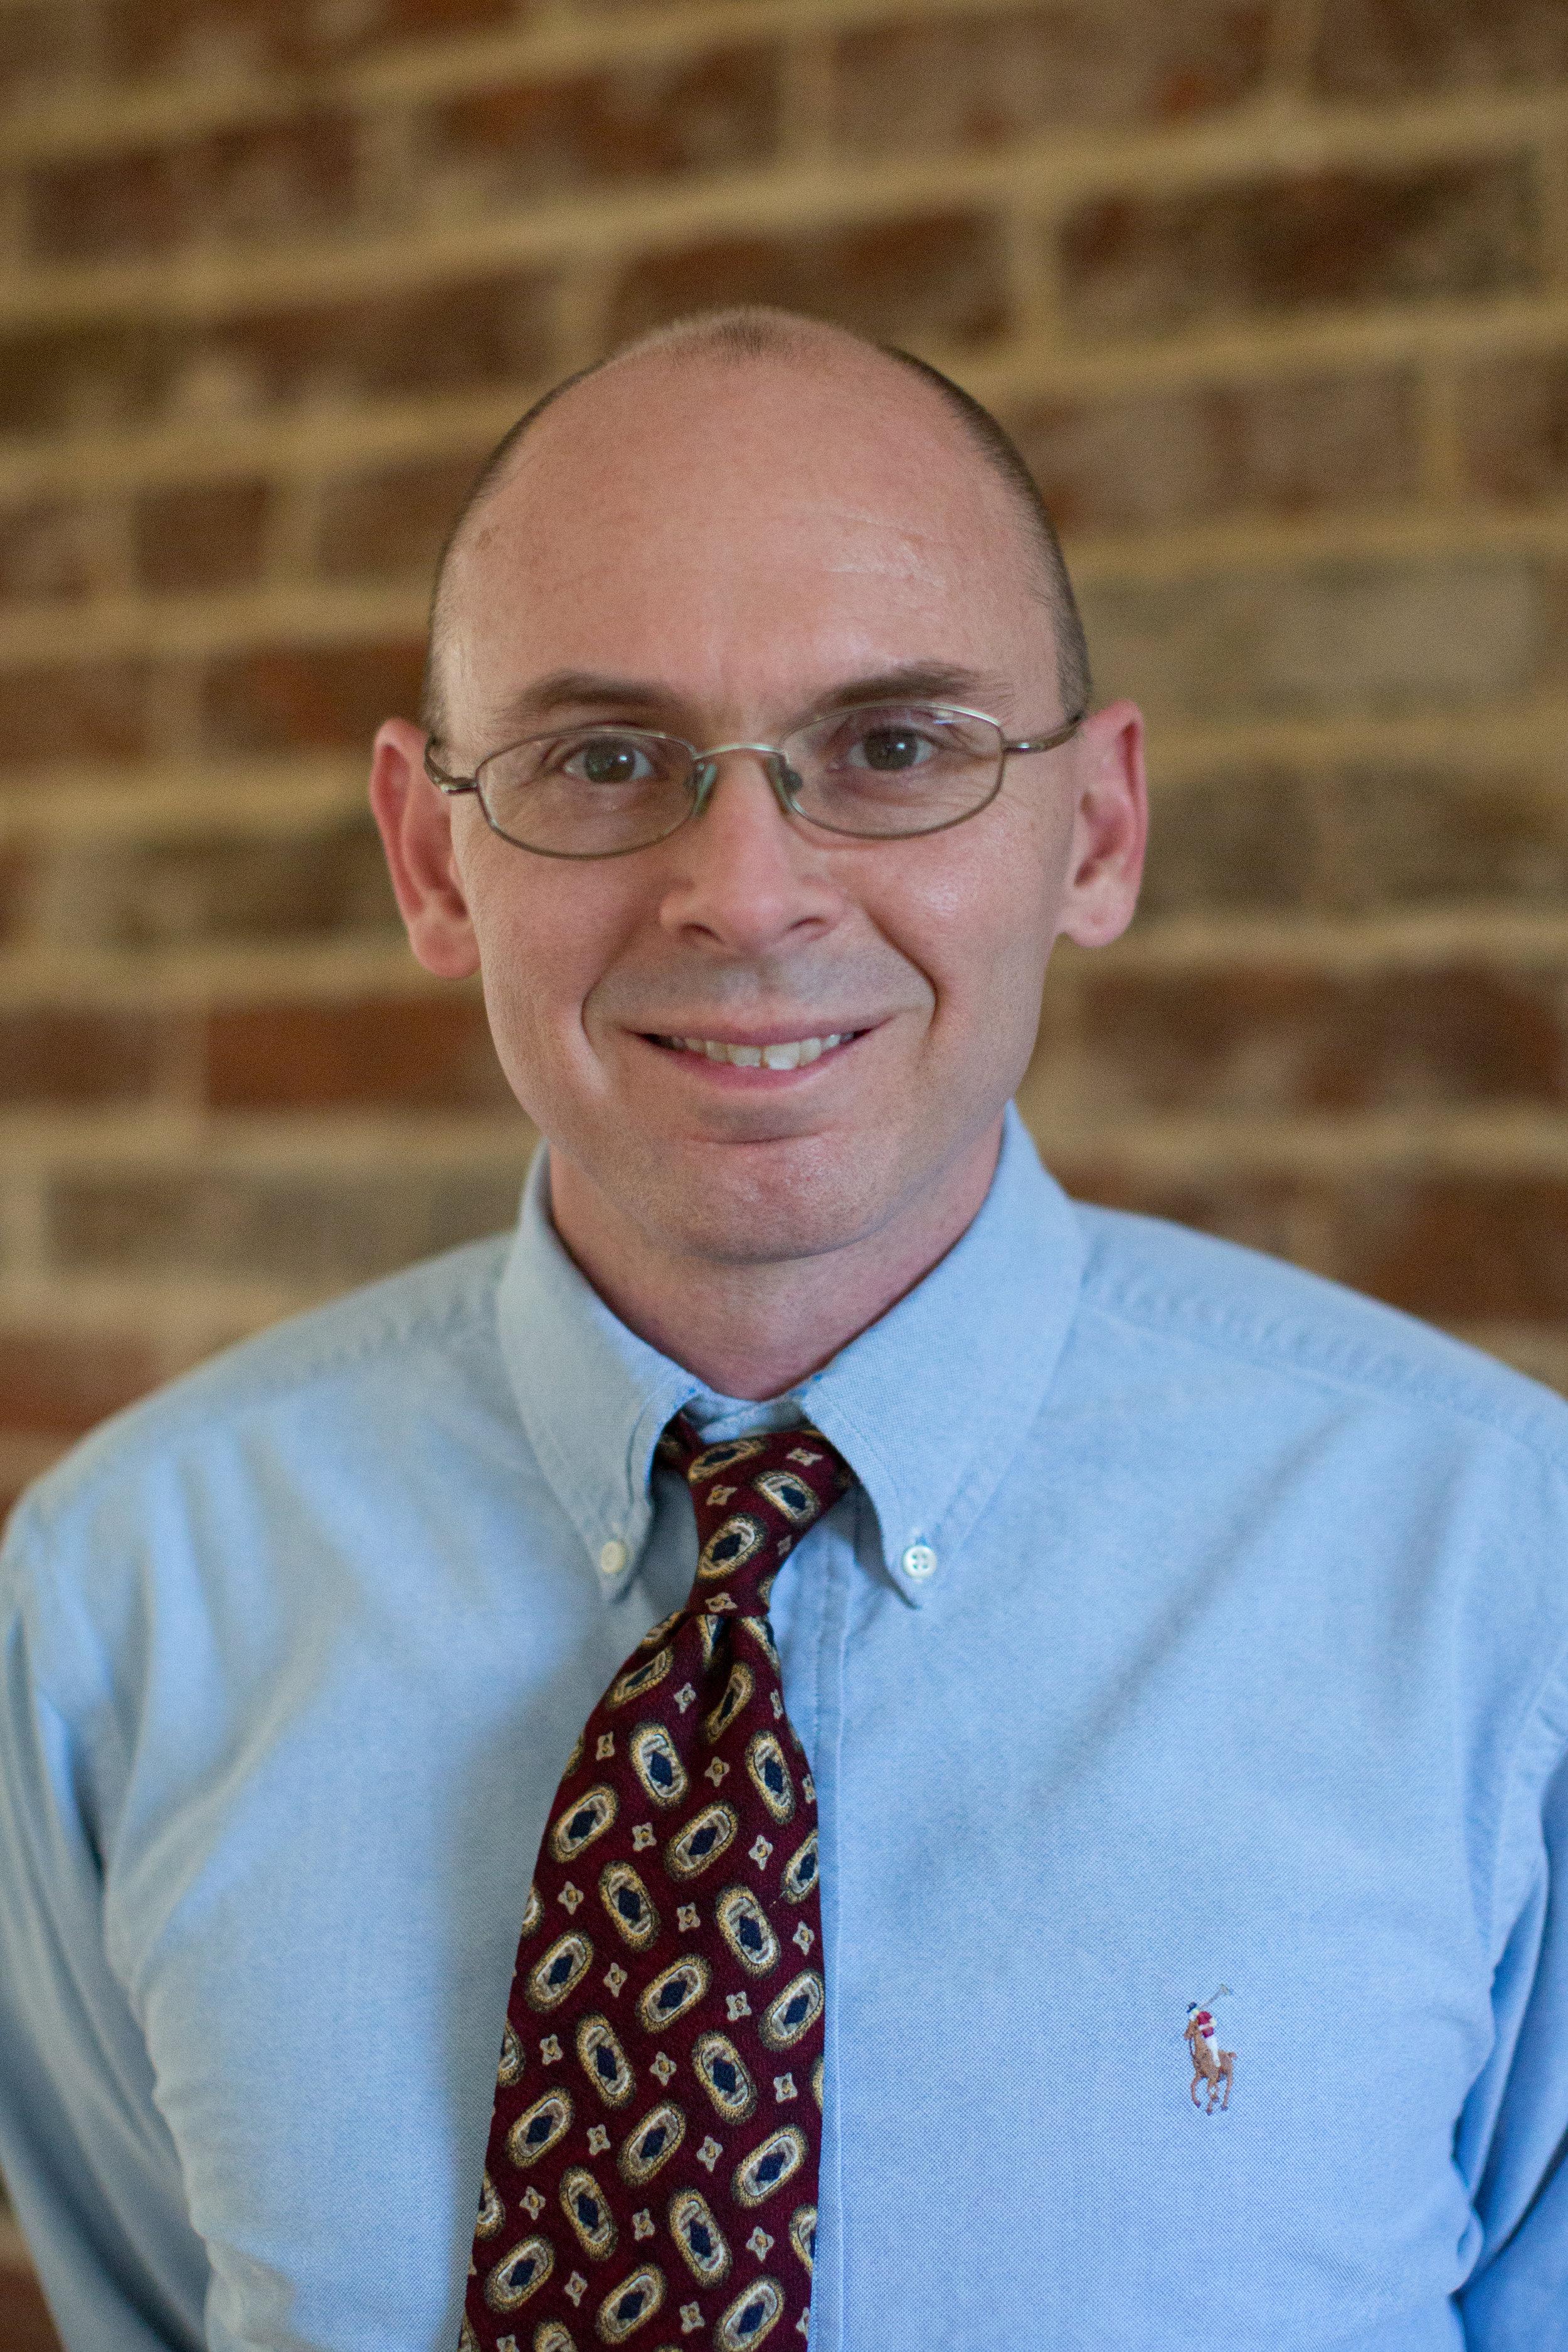 Jeff Tieder